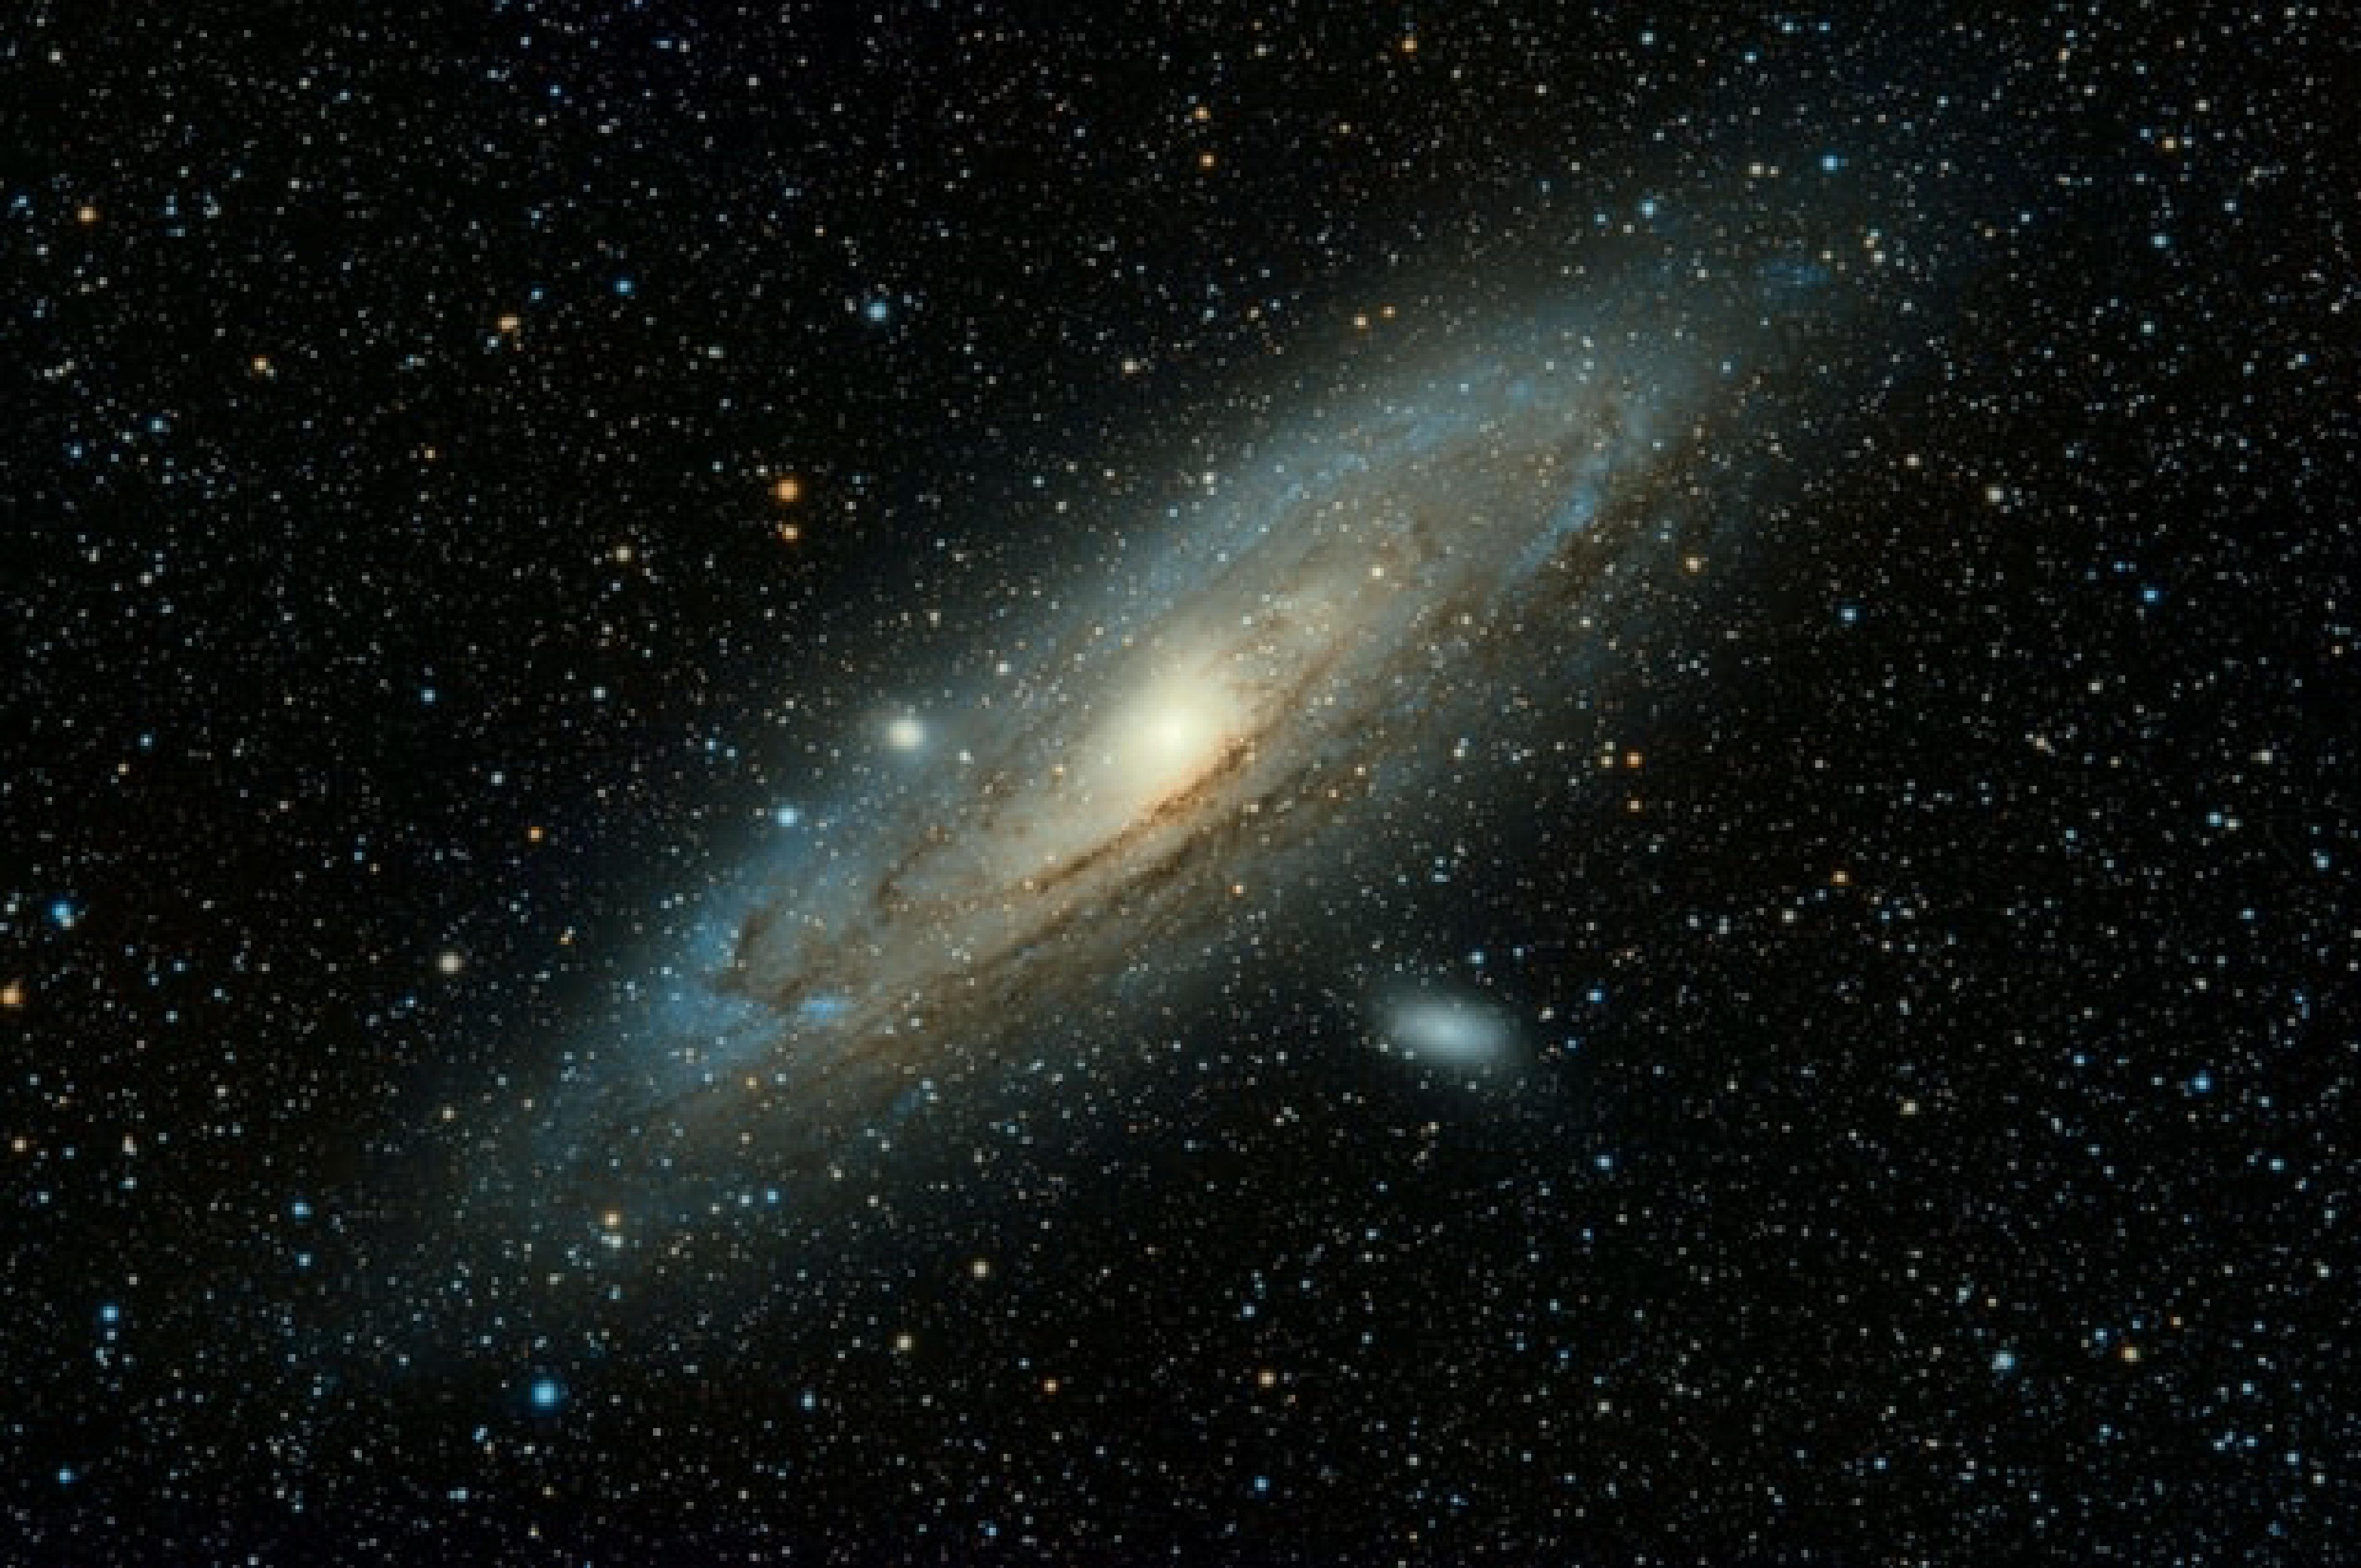 In a far away galaxy....